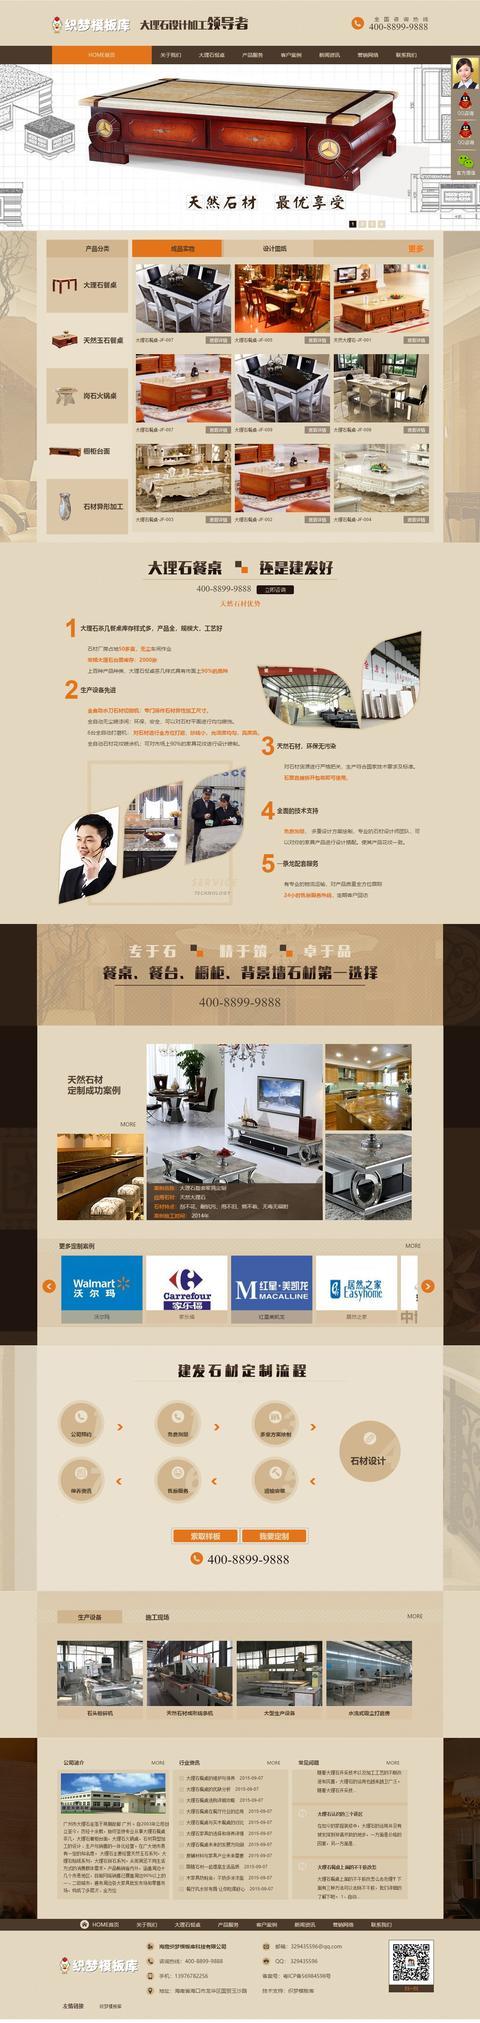 建材石材装修室内装饰类企业